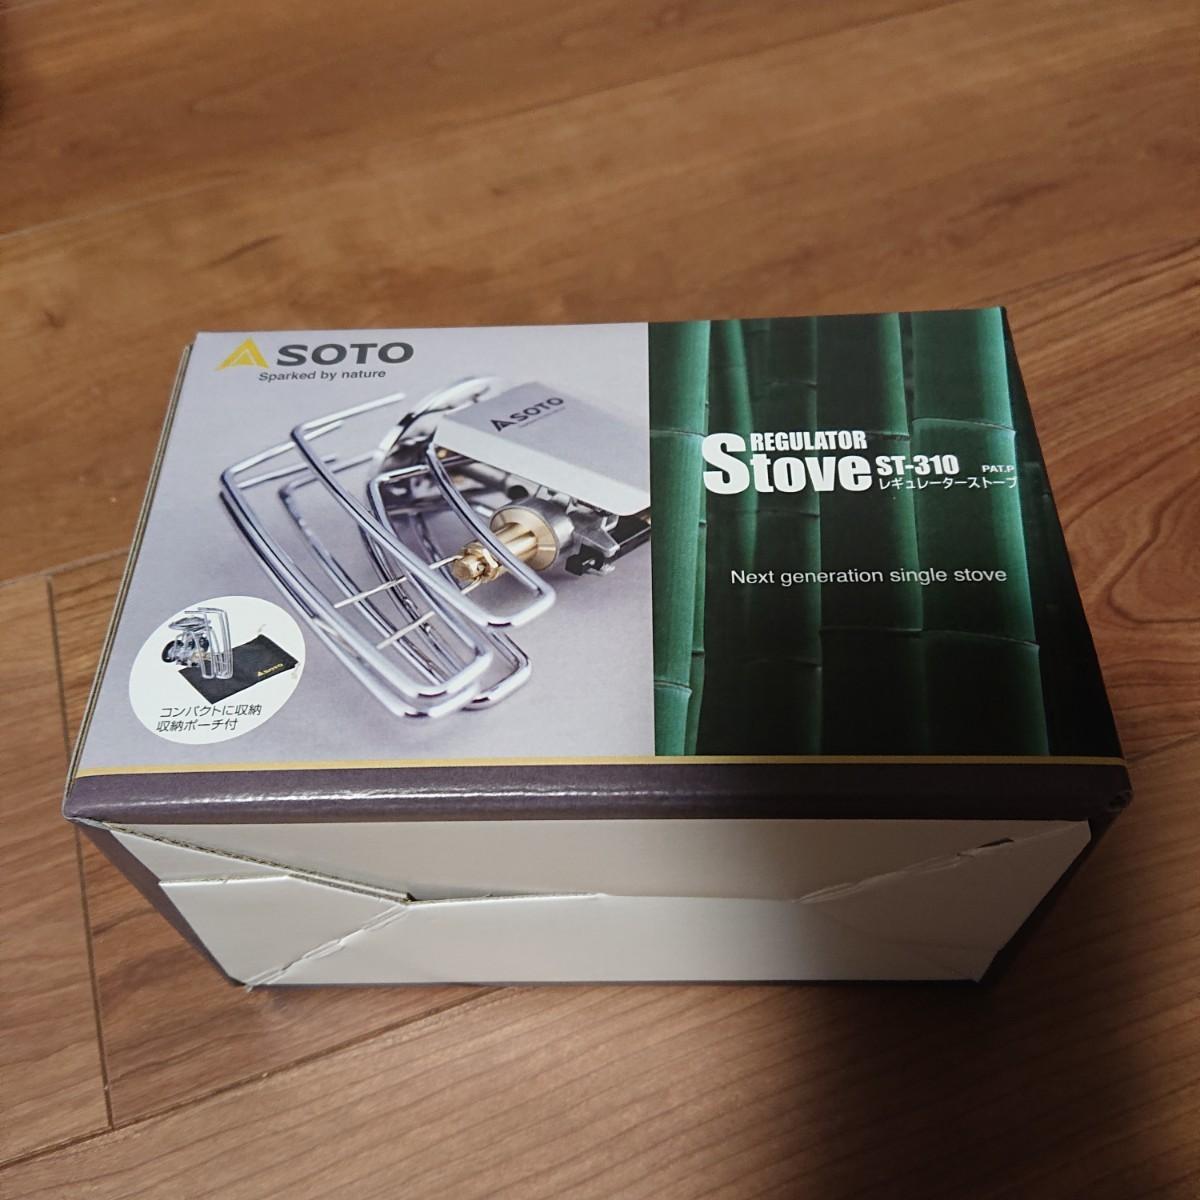 SOTO レギュレーターストーブ ST-310 新富士バーナー シングルバーナー カセットガス ソト FUSION